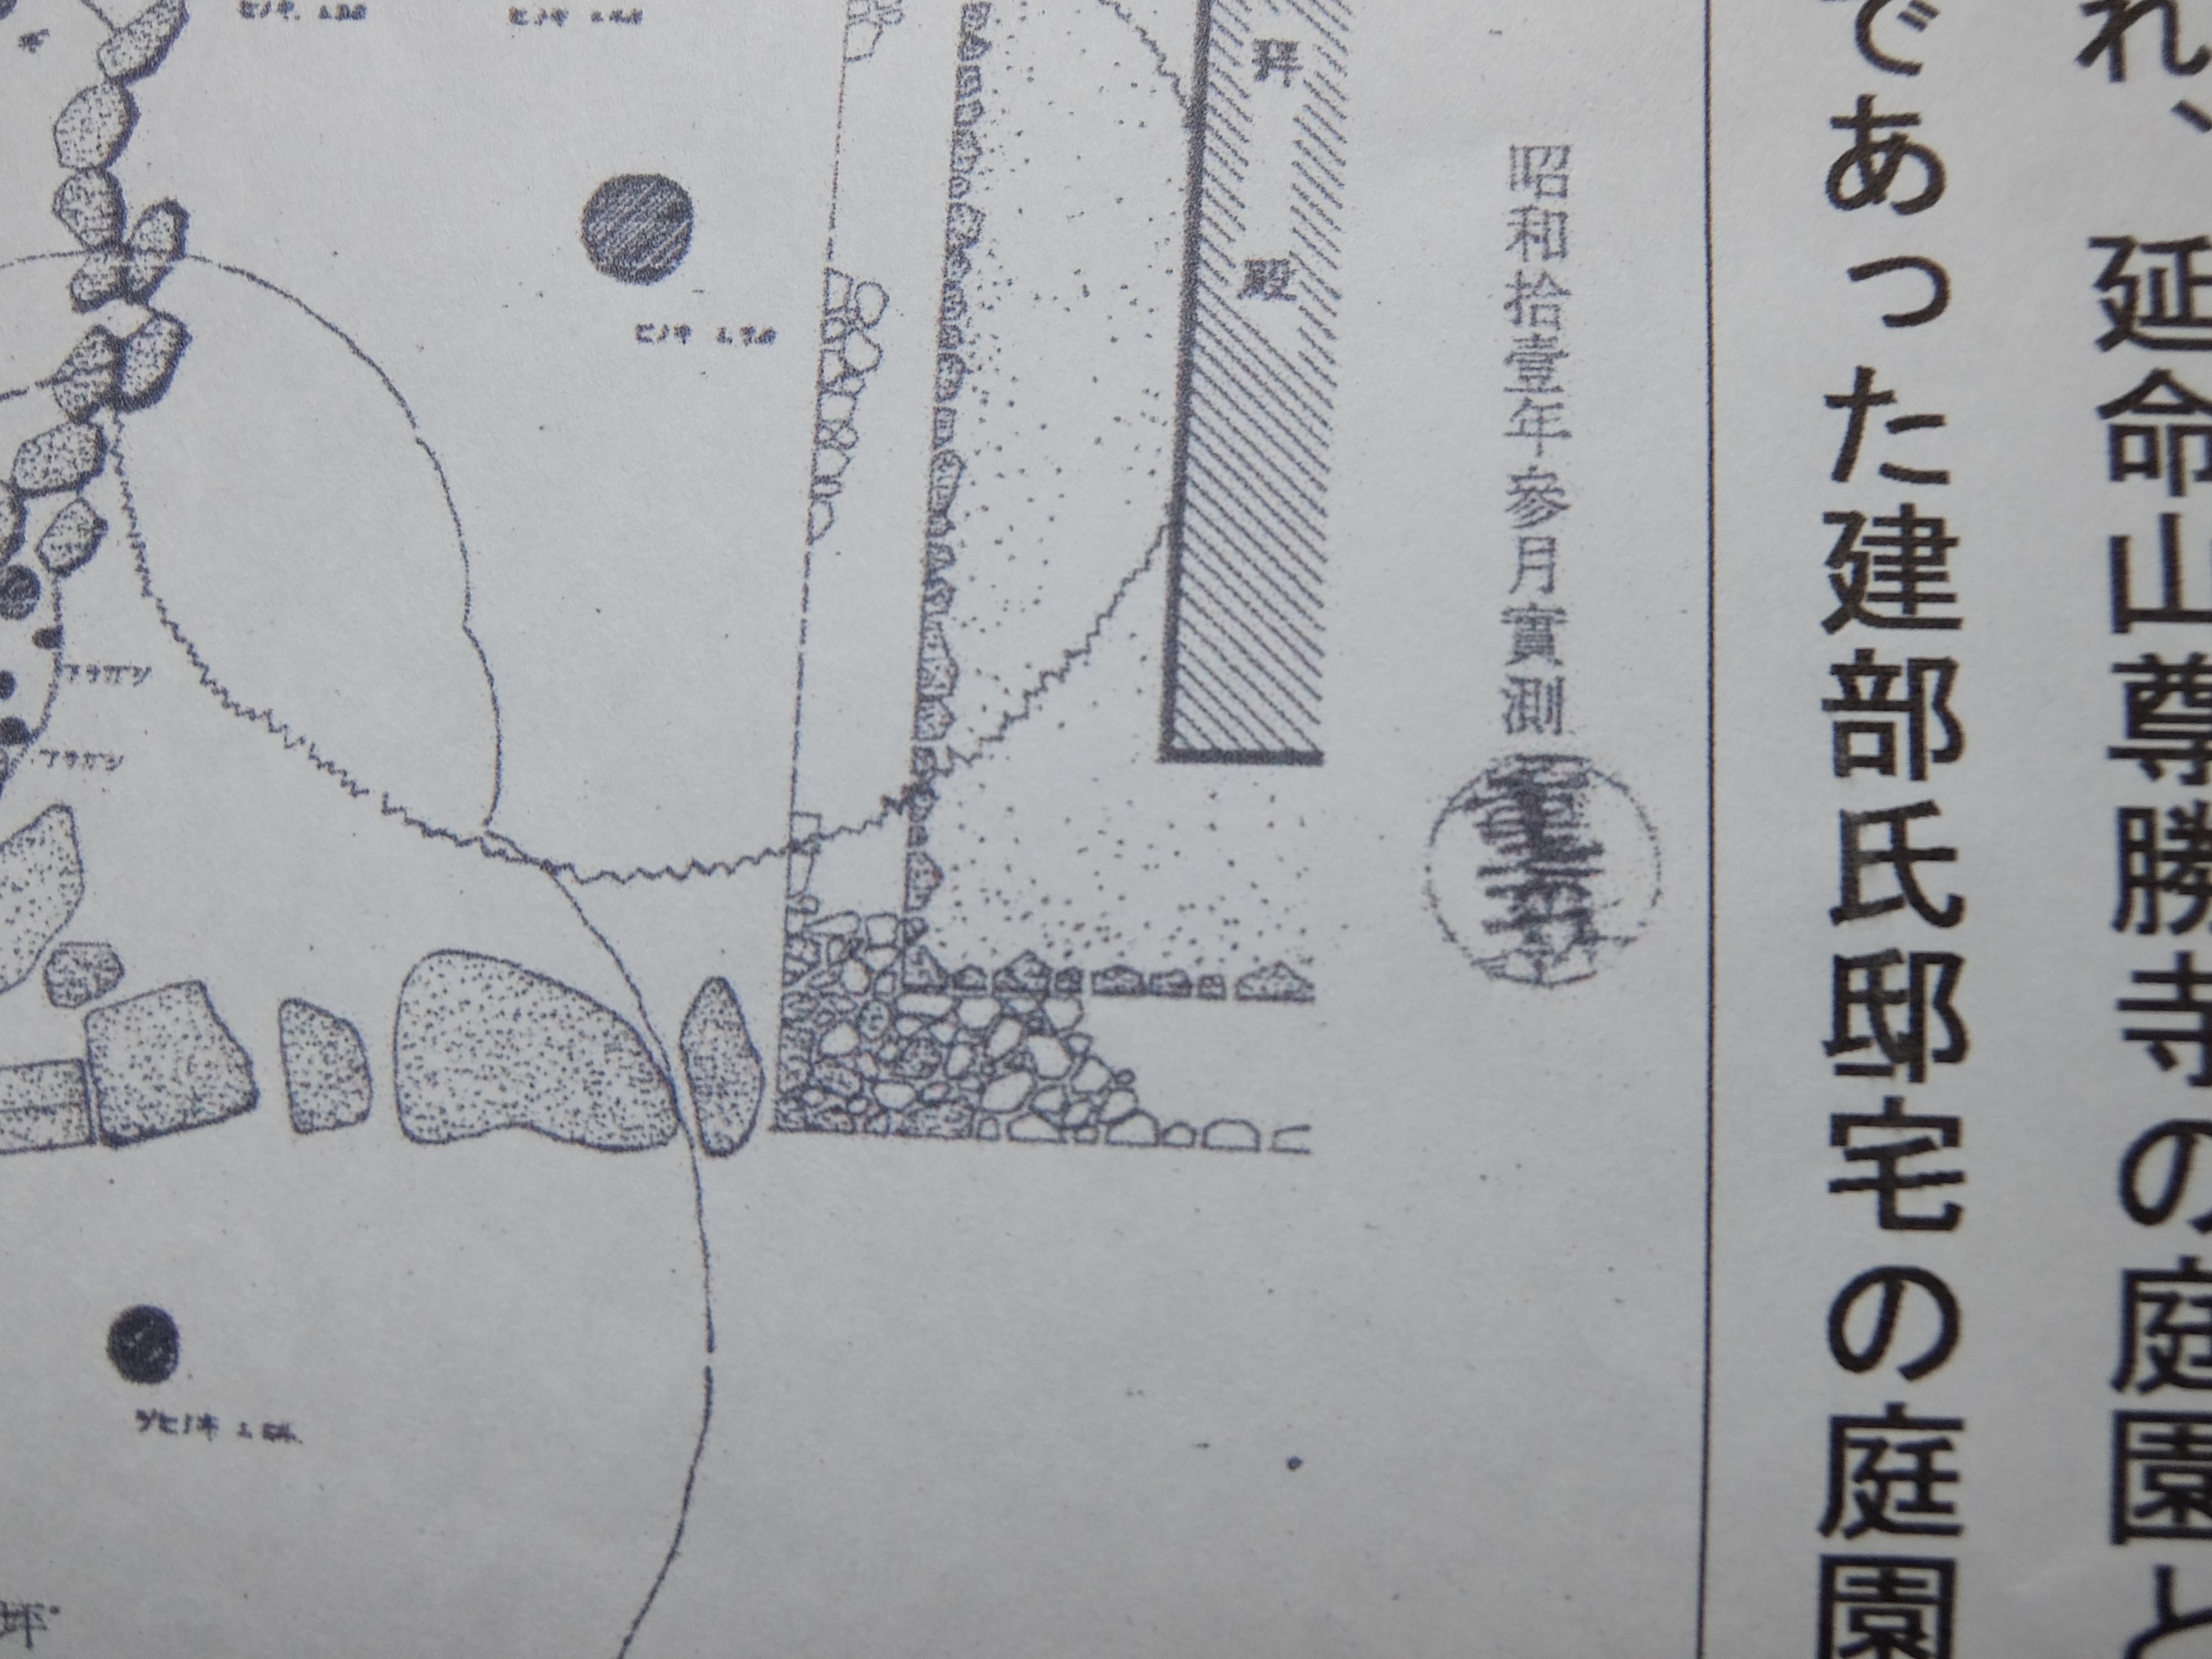 DSCF8052.jpg